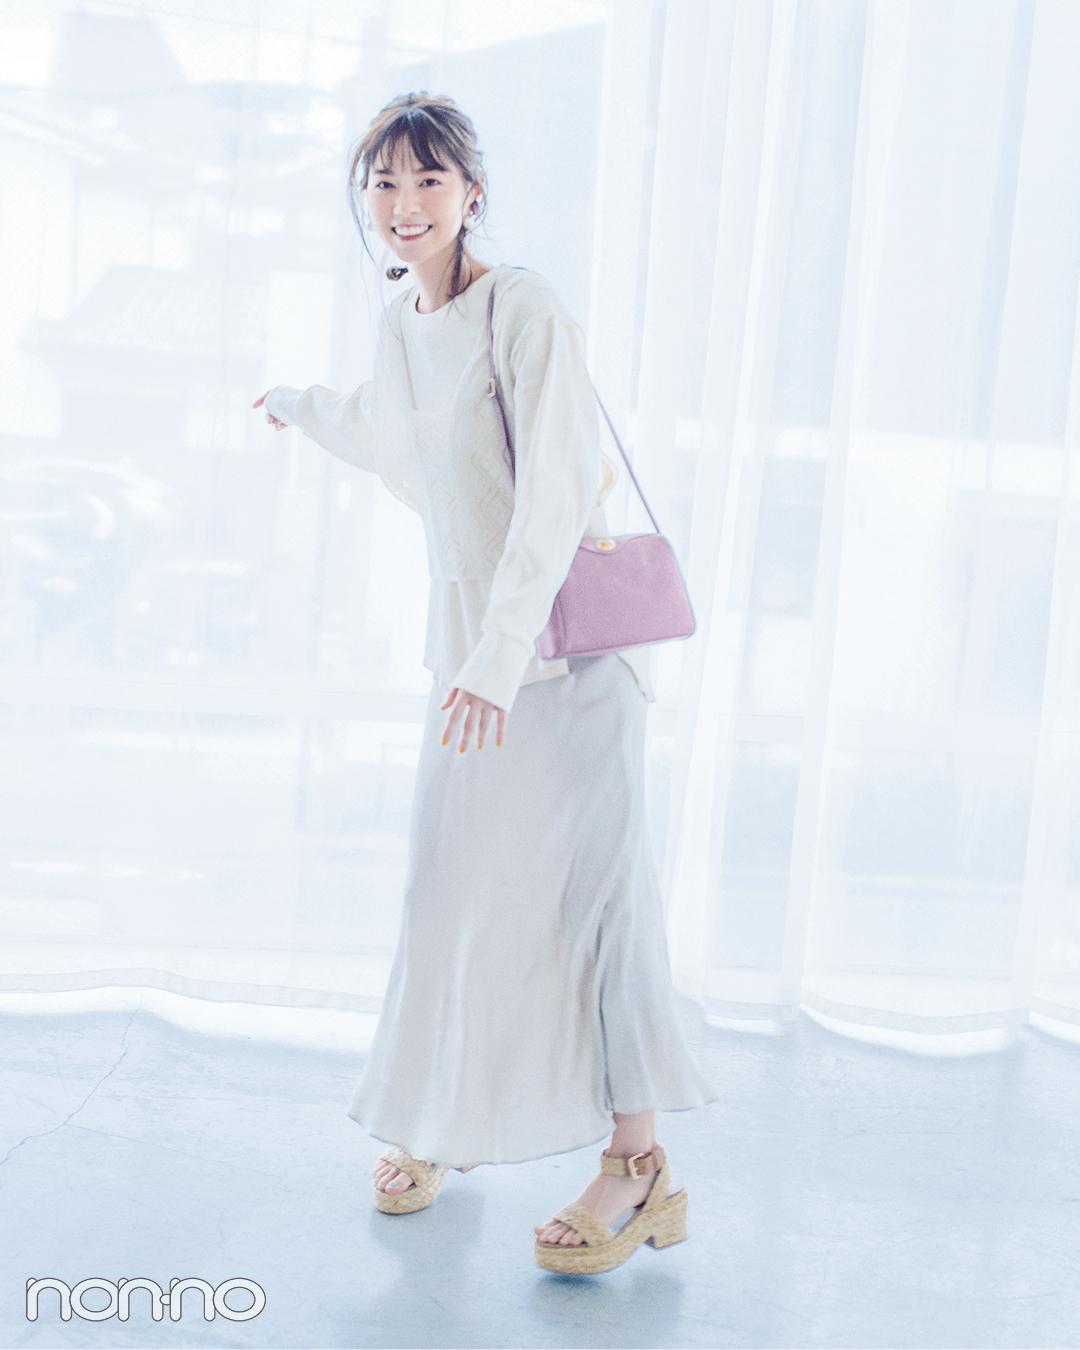 西野七瀬★ ファッションモデルとしての実力がスゴいフォトギャラリー_1_11